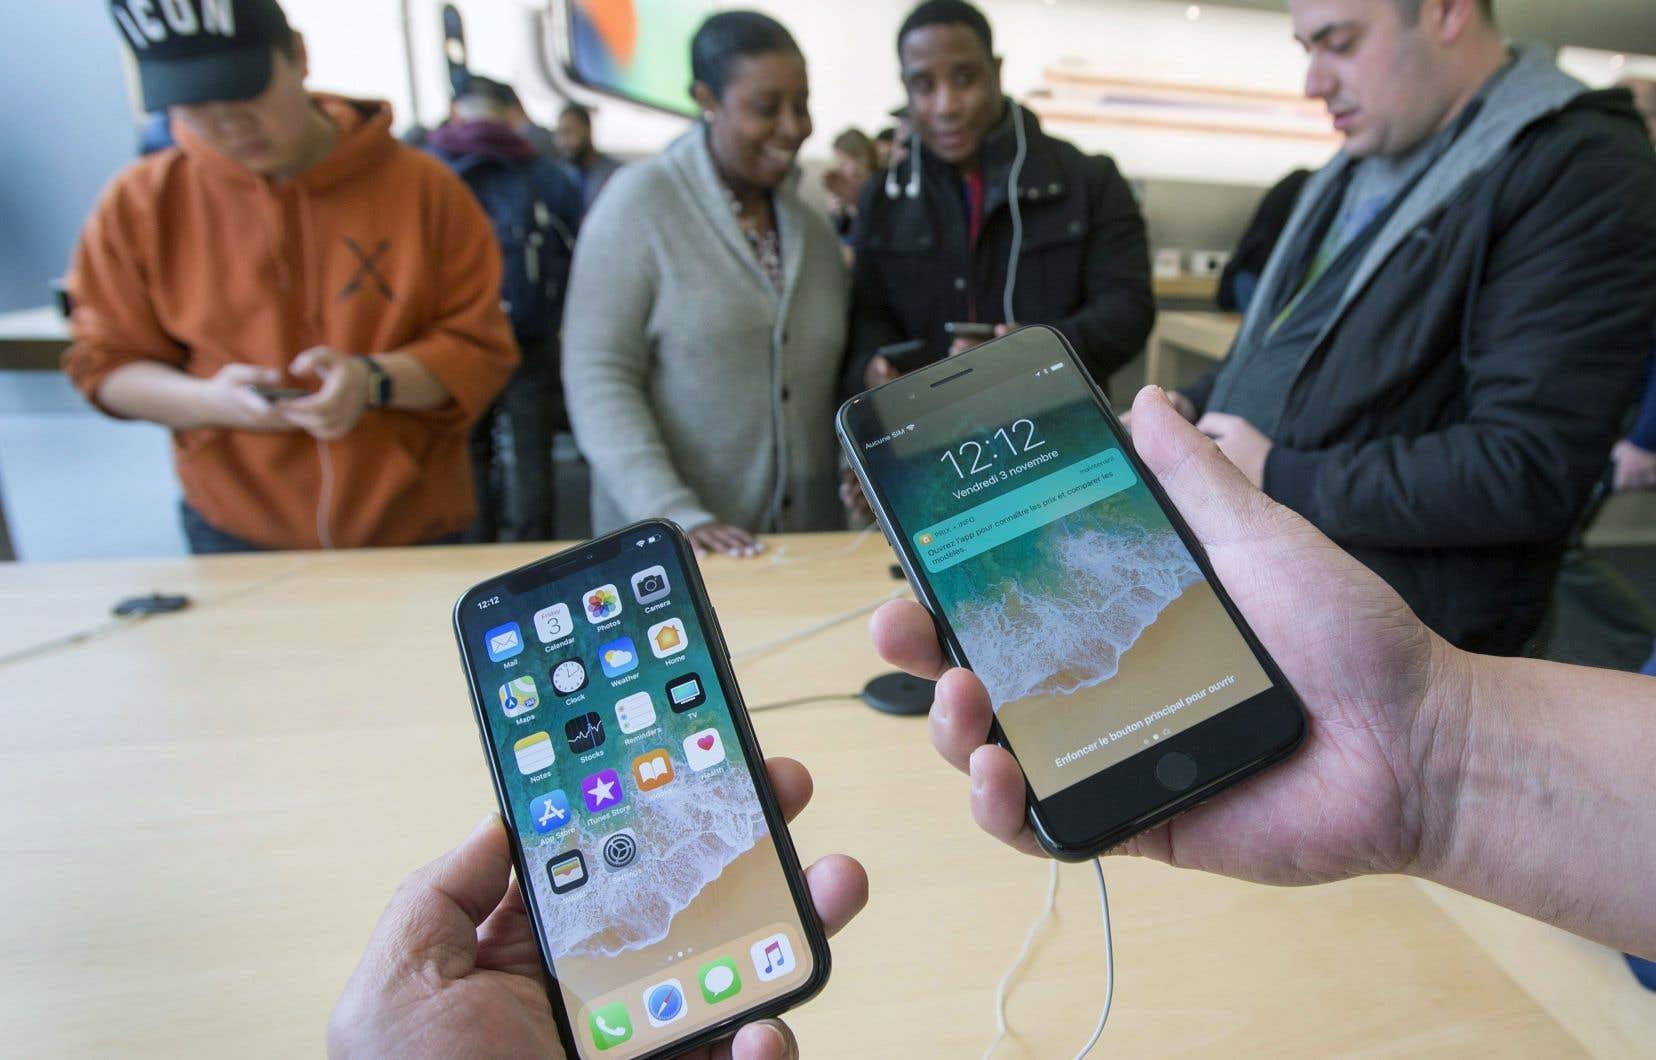 Certains clients d'Apple ont pu constater, vendredi à Montréal, que l'écran de l'iPhone X (à gauche) ne comporte plus de bouton central, contrairement à celui de l'iPhone 8 (à droite).